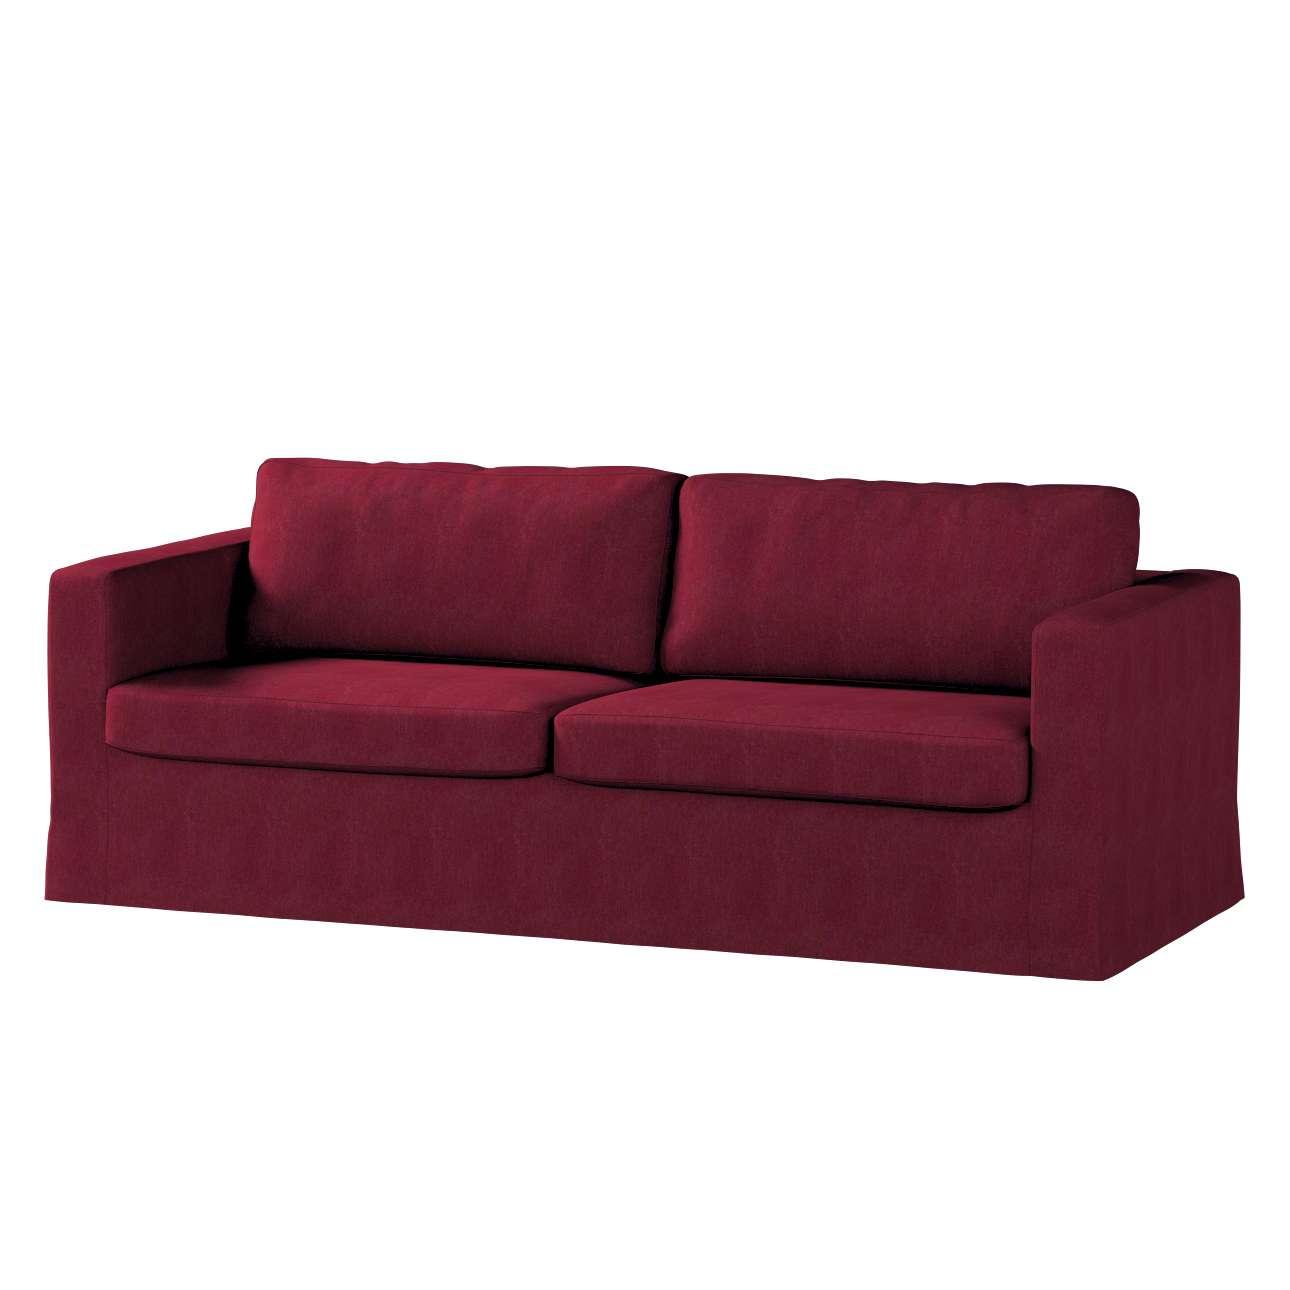 Poťah na sedačku Karlstad (nerozkladá sa, pre 3 osoby, dlhá) V kolekcii Chenille, tkanina: 702-19